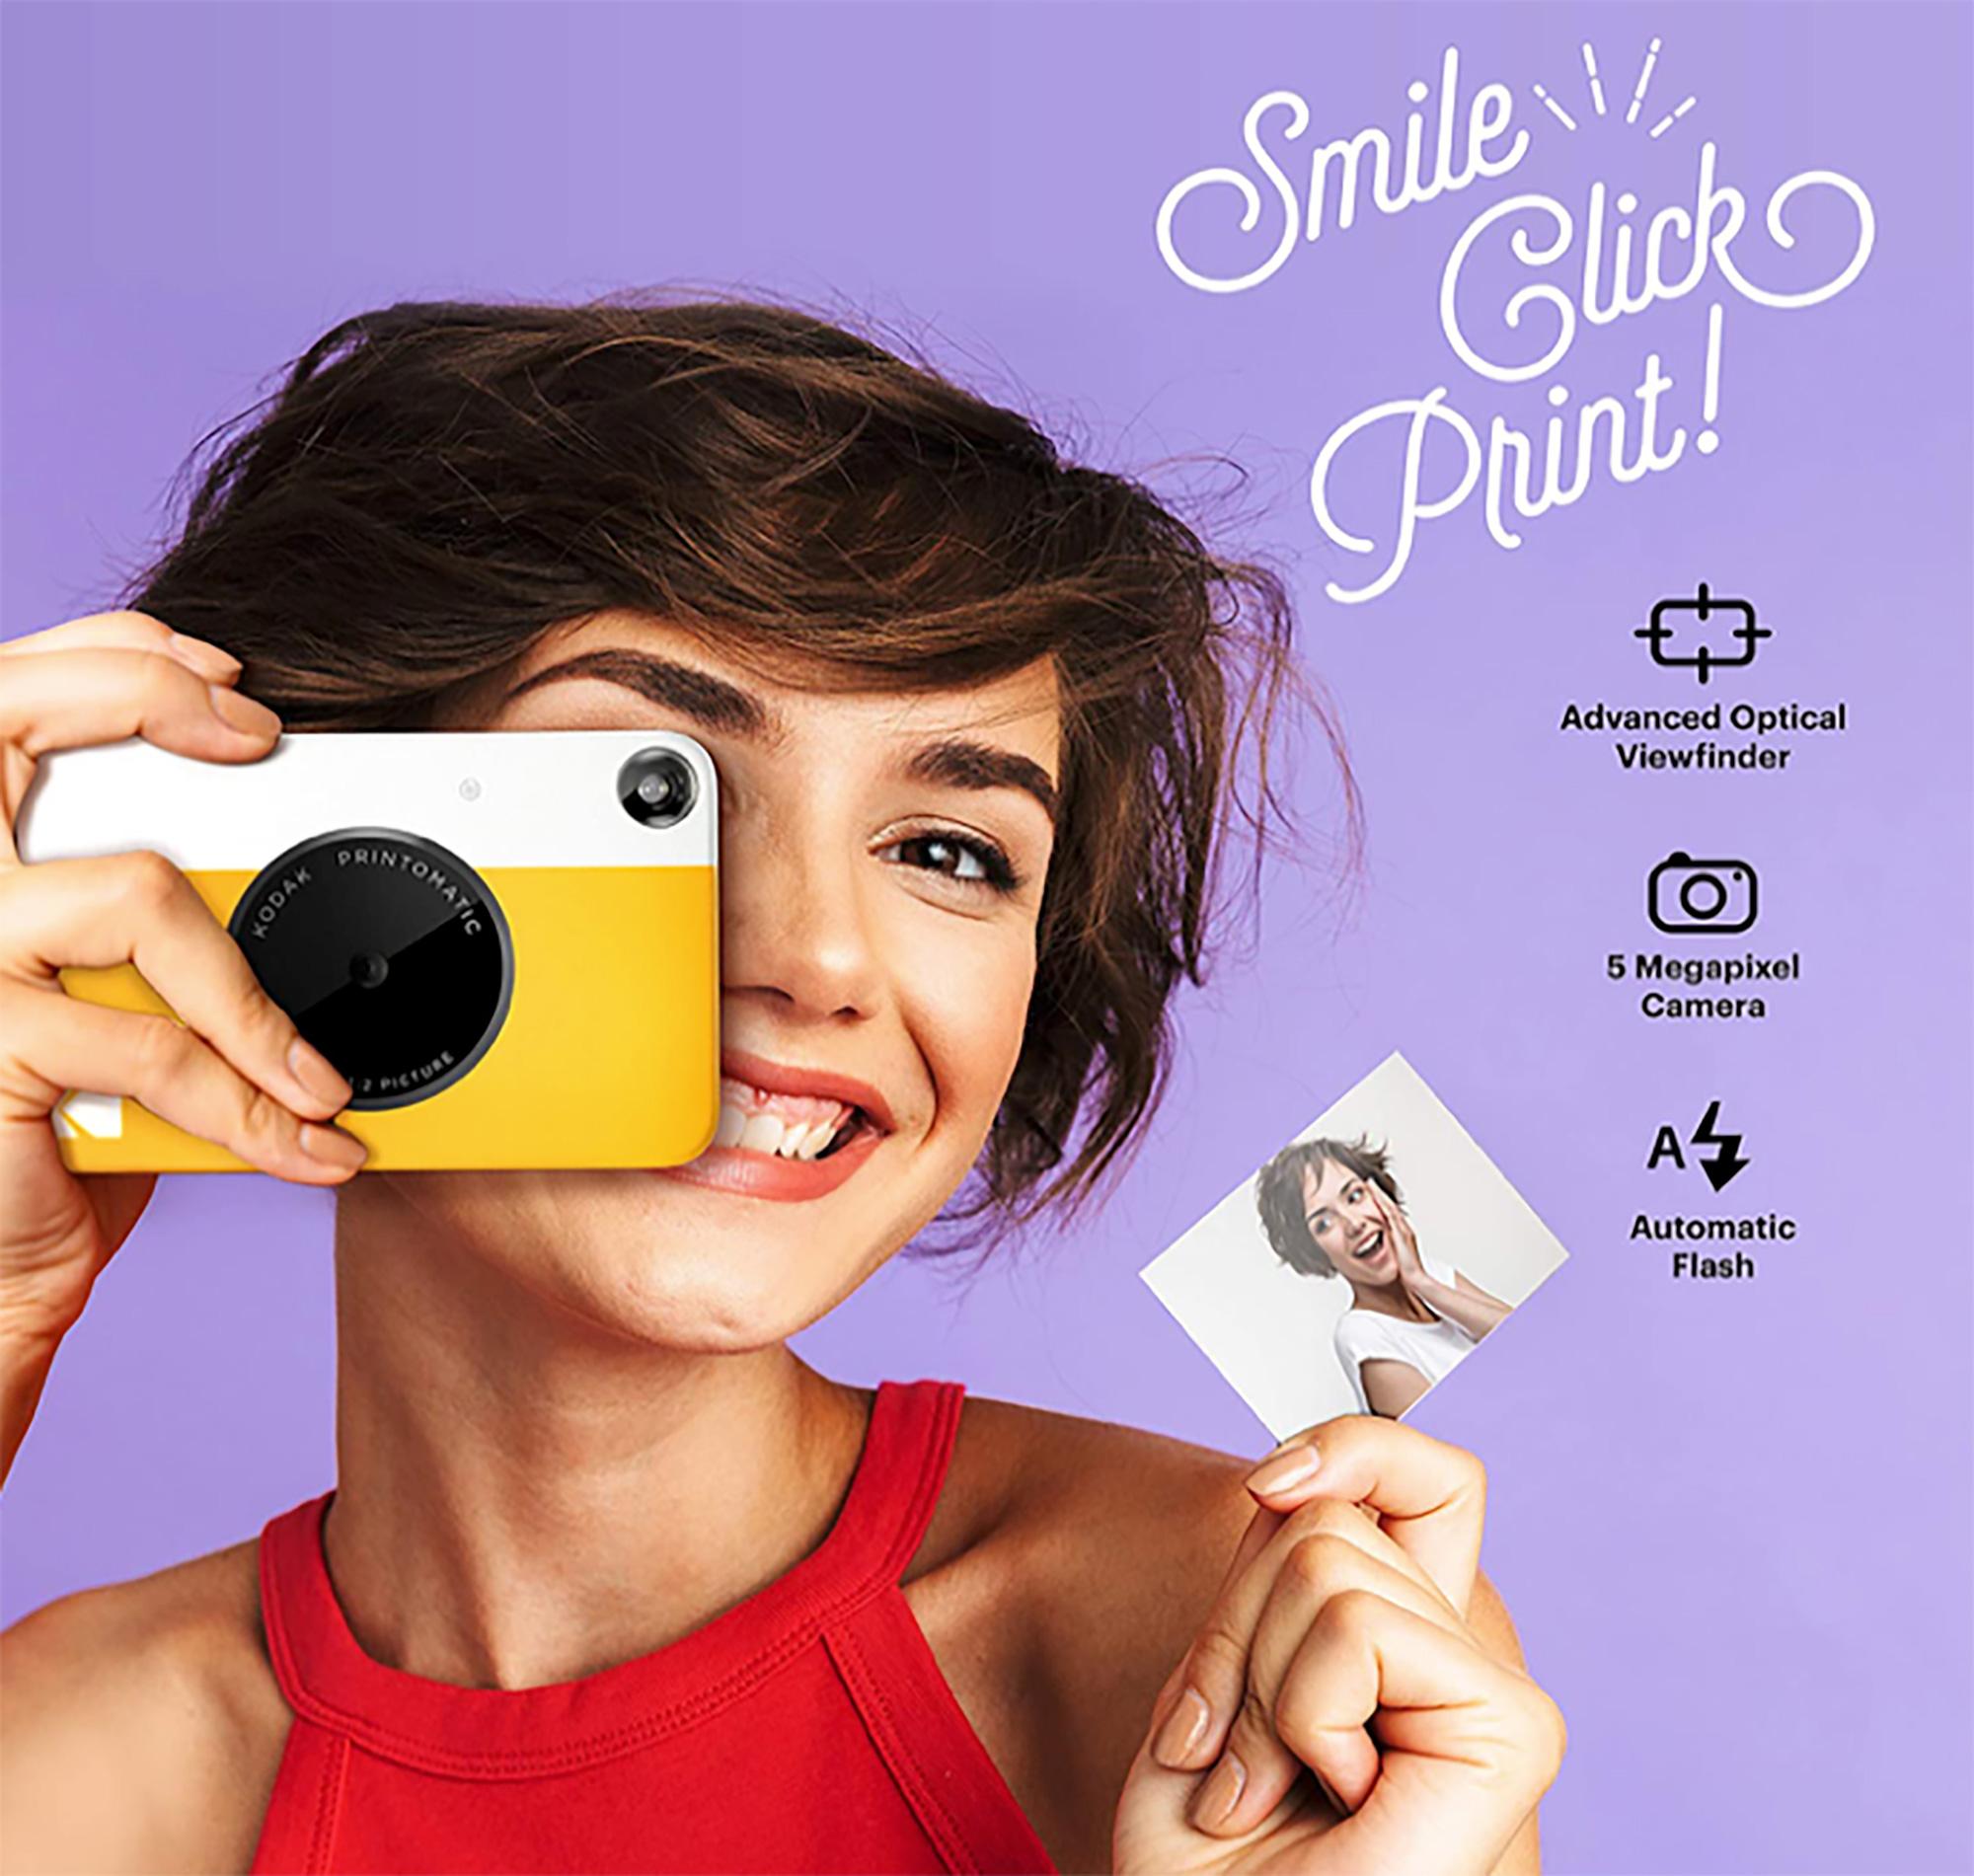 Nada mejor para los amantes de las fotografías que una cámara instantánea que les permita plasmar en papel memorias junto a sus seres queridos. Con solo un clic y en cuestión de segundos, esta cámara Kodak permite tener en las manos bellas fotografías a color.